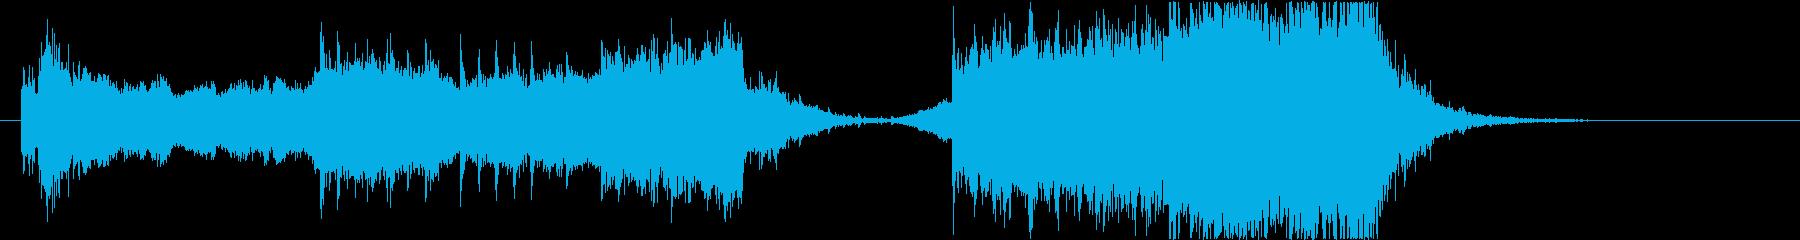 民族楽器を使用した激しいオープニング曲の再生済みの波形